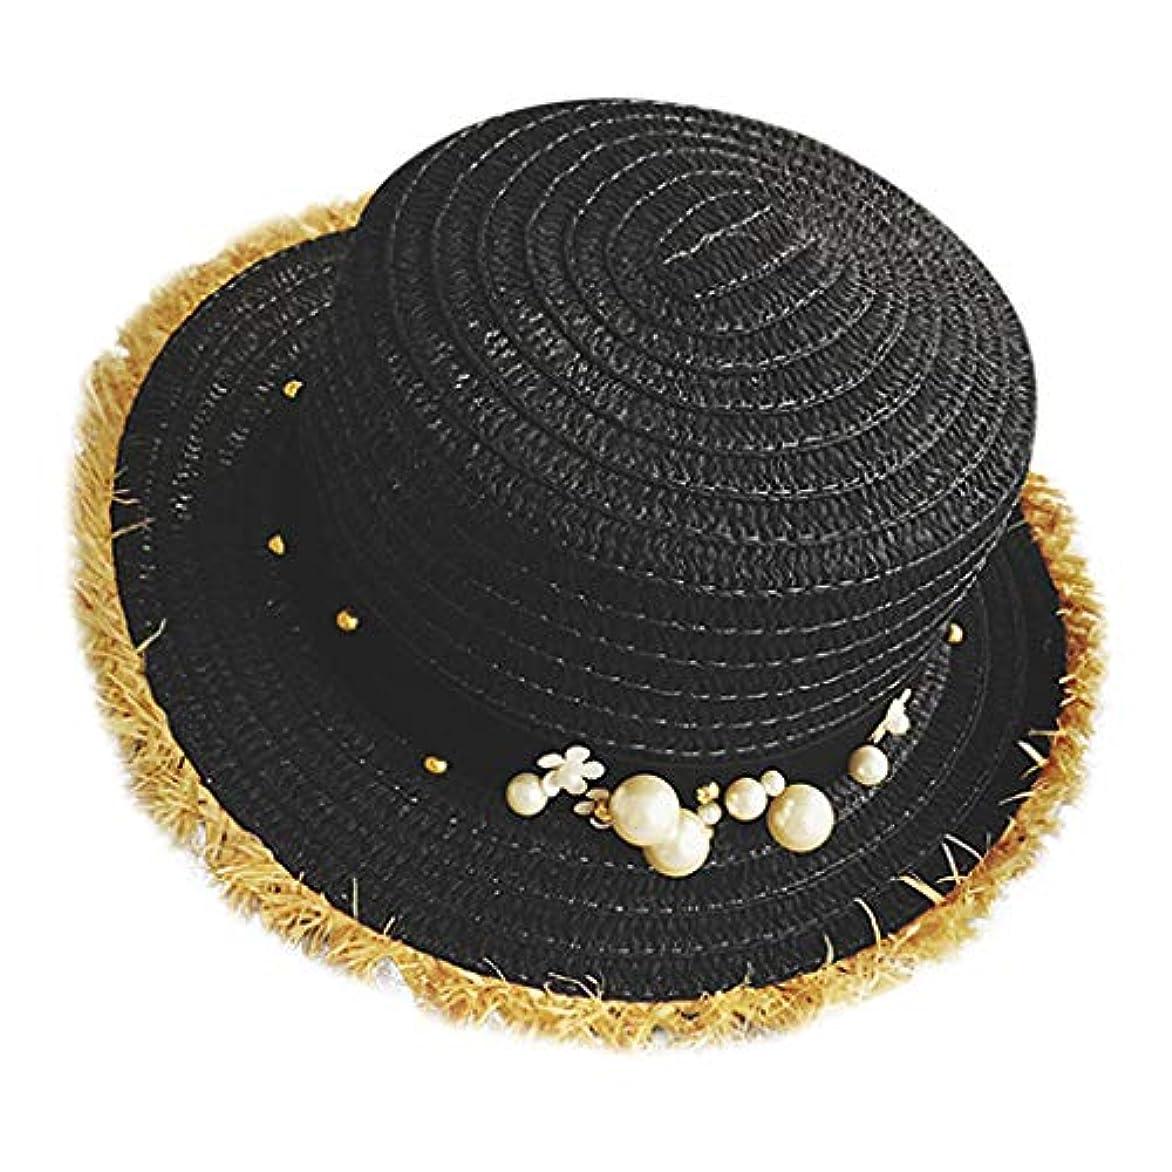 アパル不確実洗練帽子 レディース UVカット 帽子 麦わら帽子 UV帽子 紫外線対策 通気性 漁師の帽子 ニット帽 マニュアル 真珠 太陽 キャップ 余暇 休暇 キャップ レディース ハンチング帽 大きいサイズ 発送 ROSE ROMAN